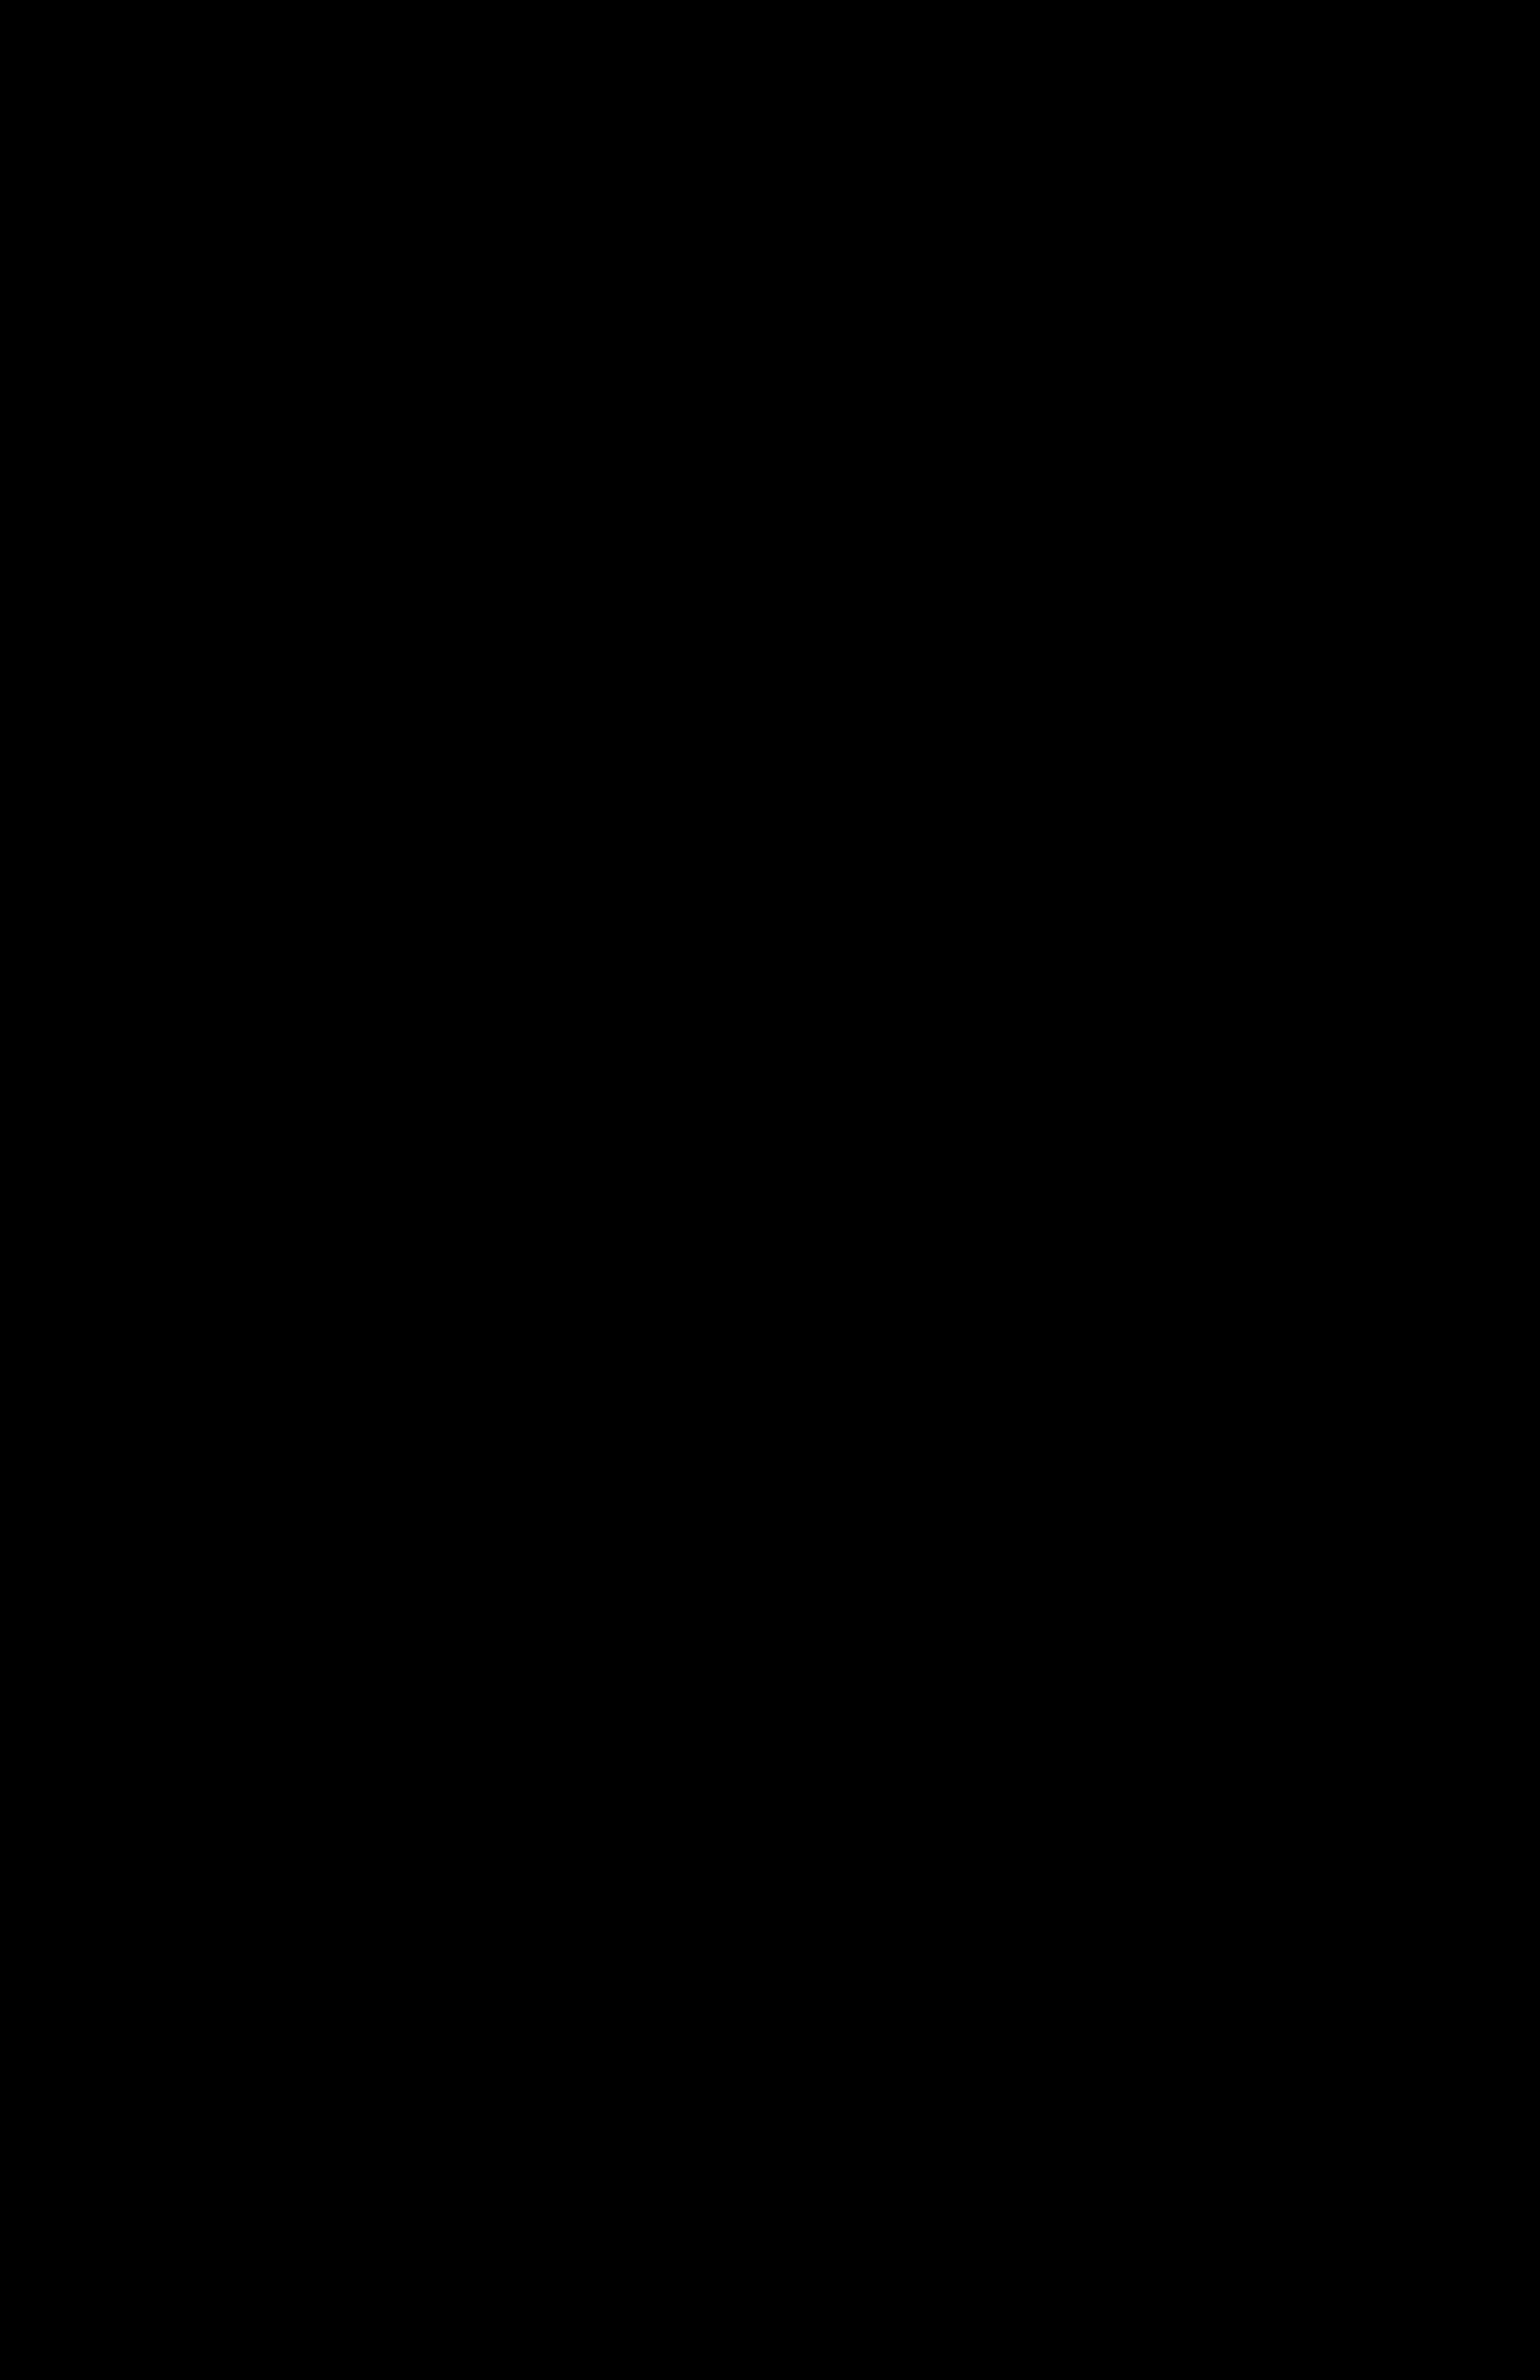 Birdy story pg 1